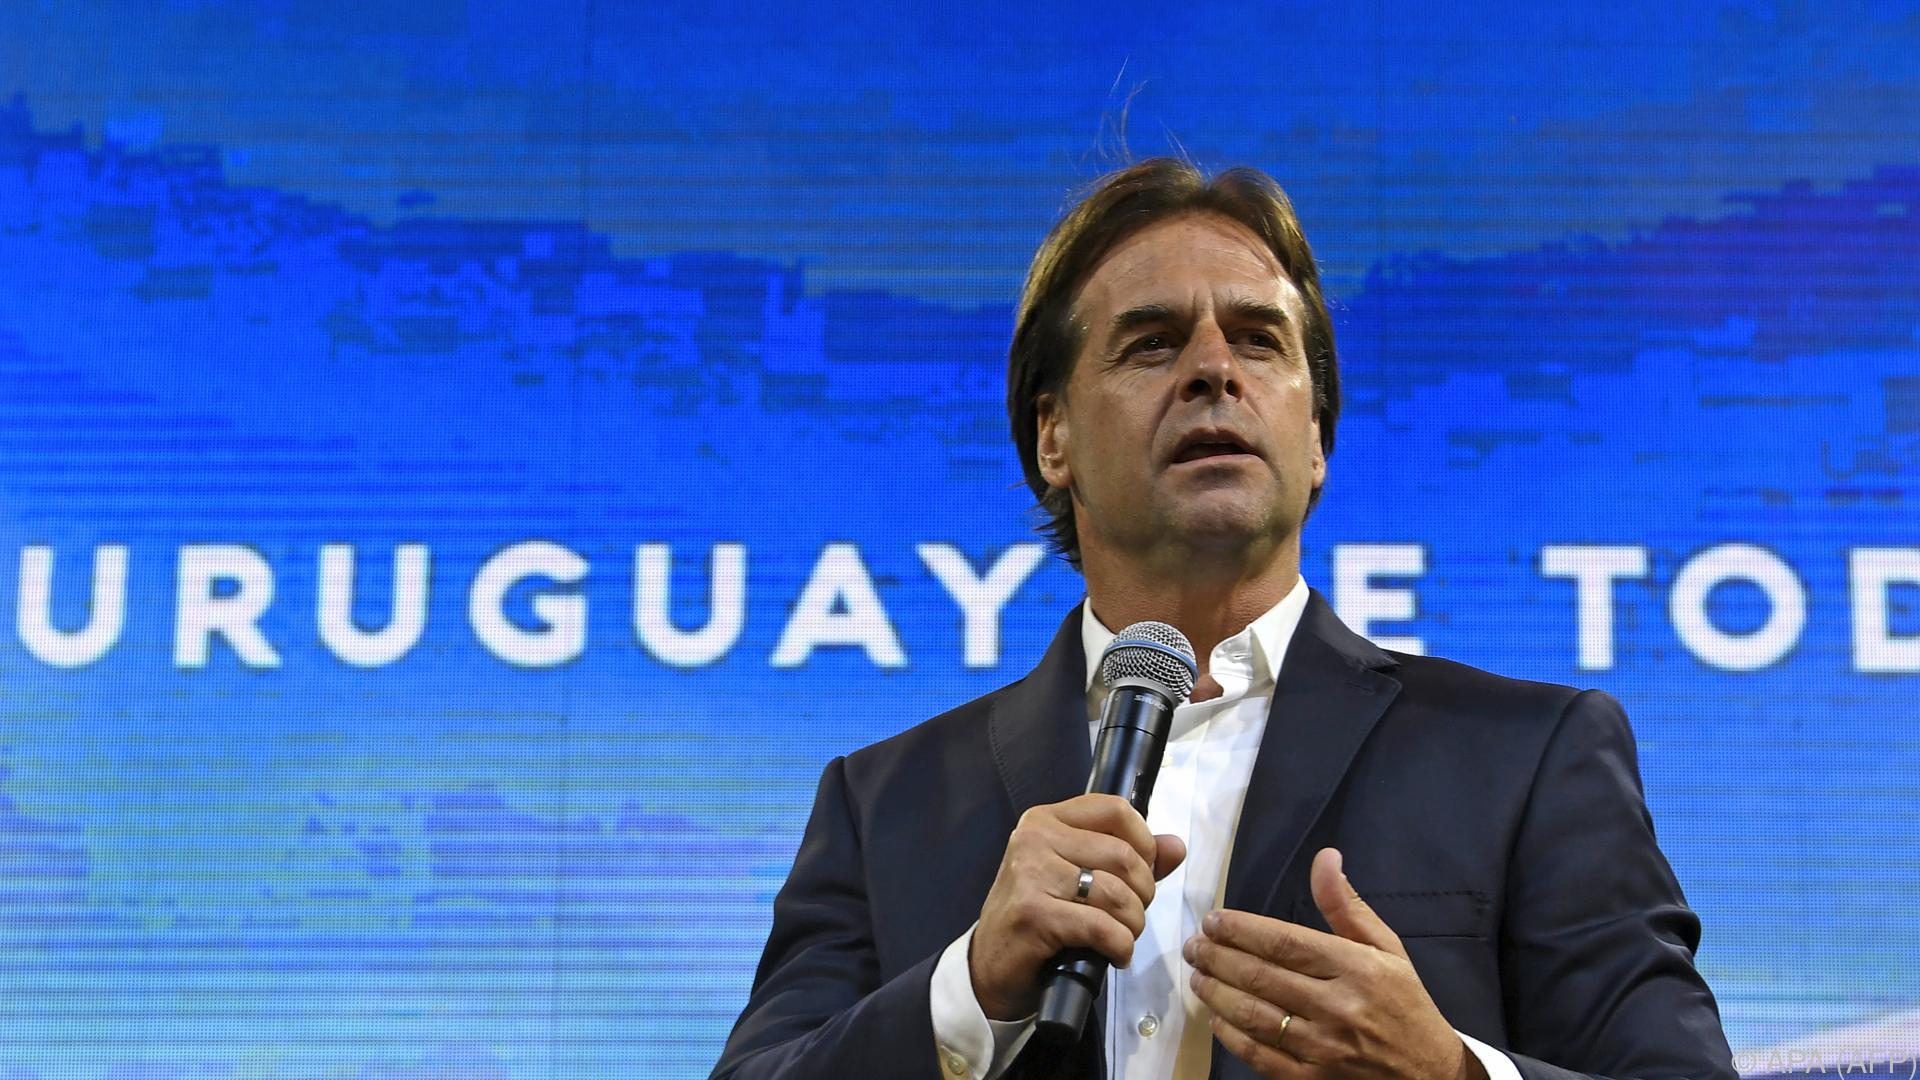 Konservativer Lacalle Pou gewann Präsidentenwahl in Uruguay